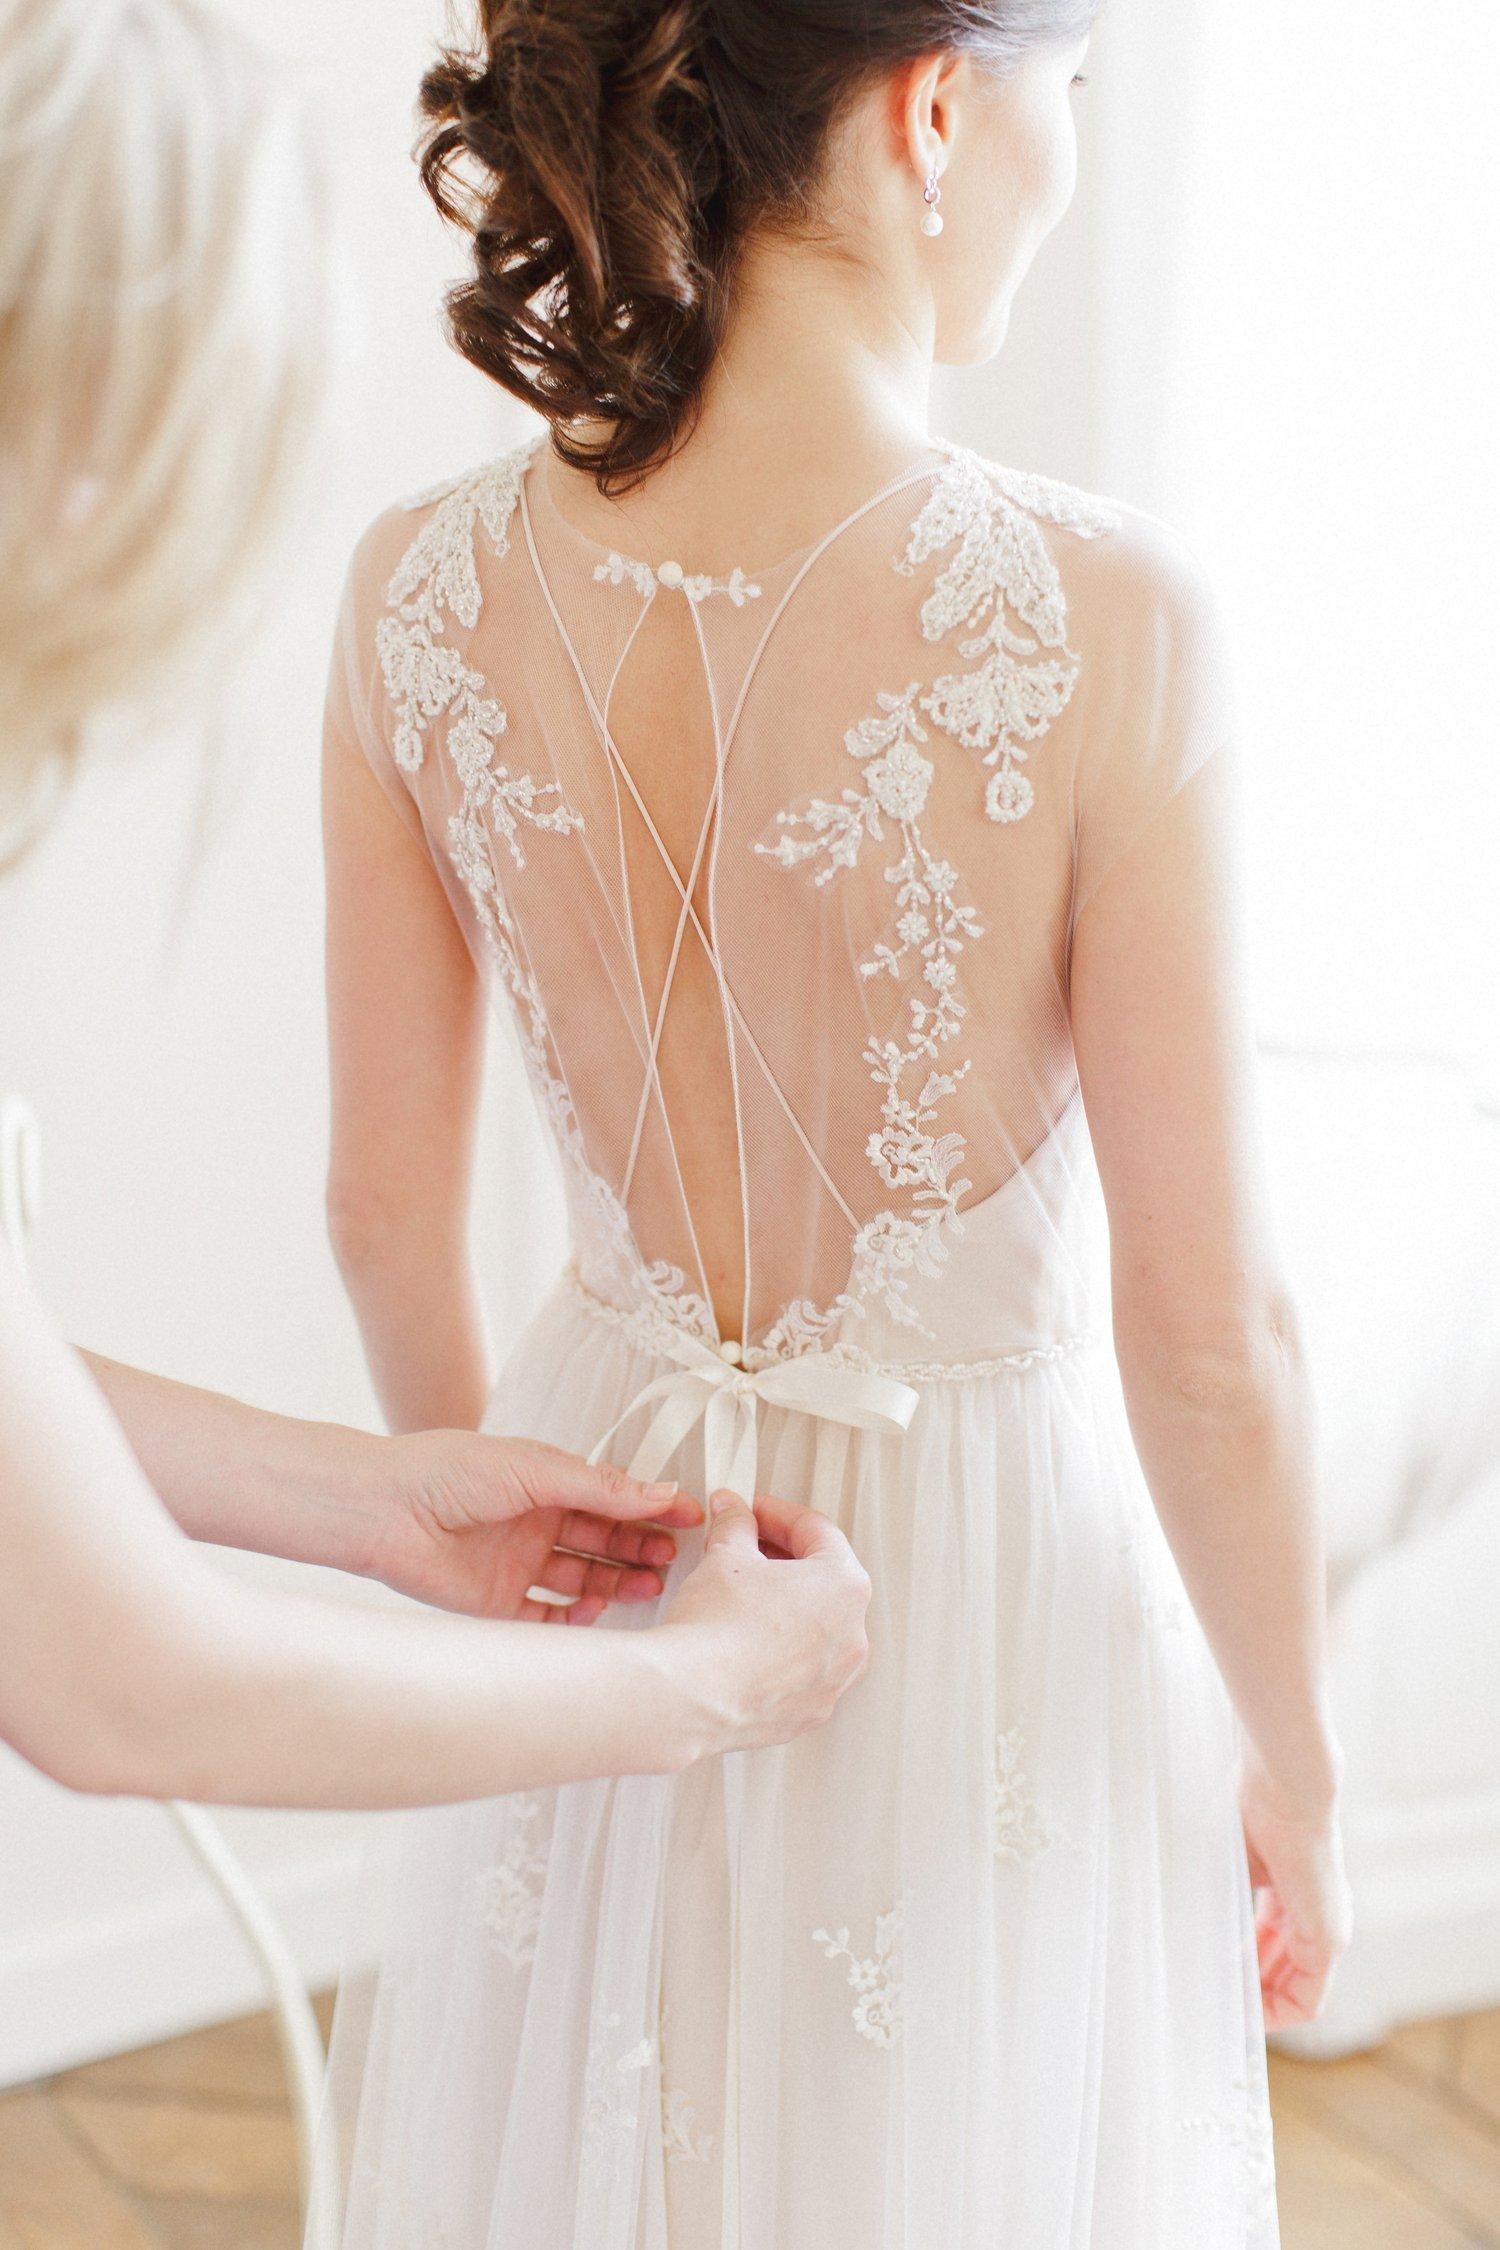 7a42537b1c999ed Точная реплика платья по вашей фотографии. Многие невесты присылают  картинки, где в одном платье нравится лиф, в другом спинка, а где-то юбка.